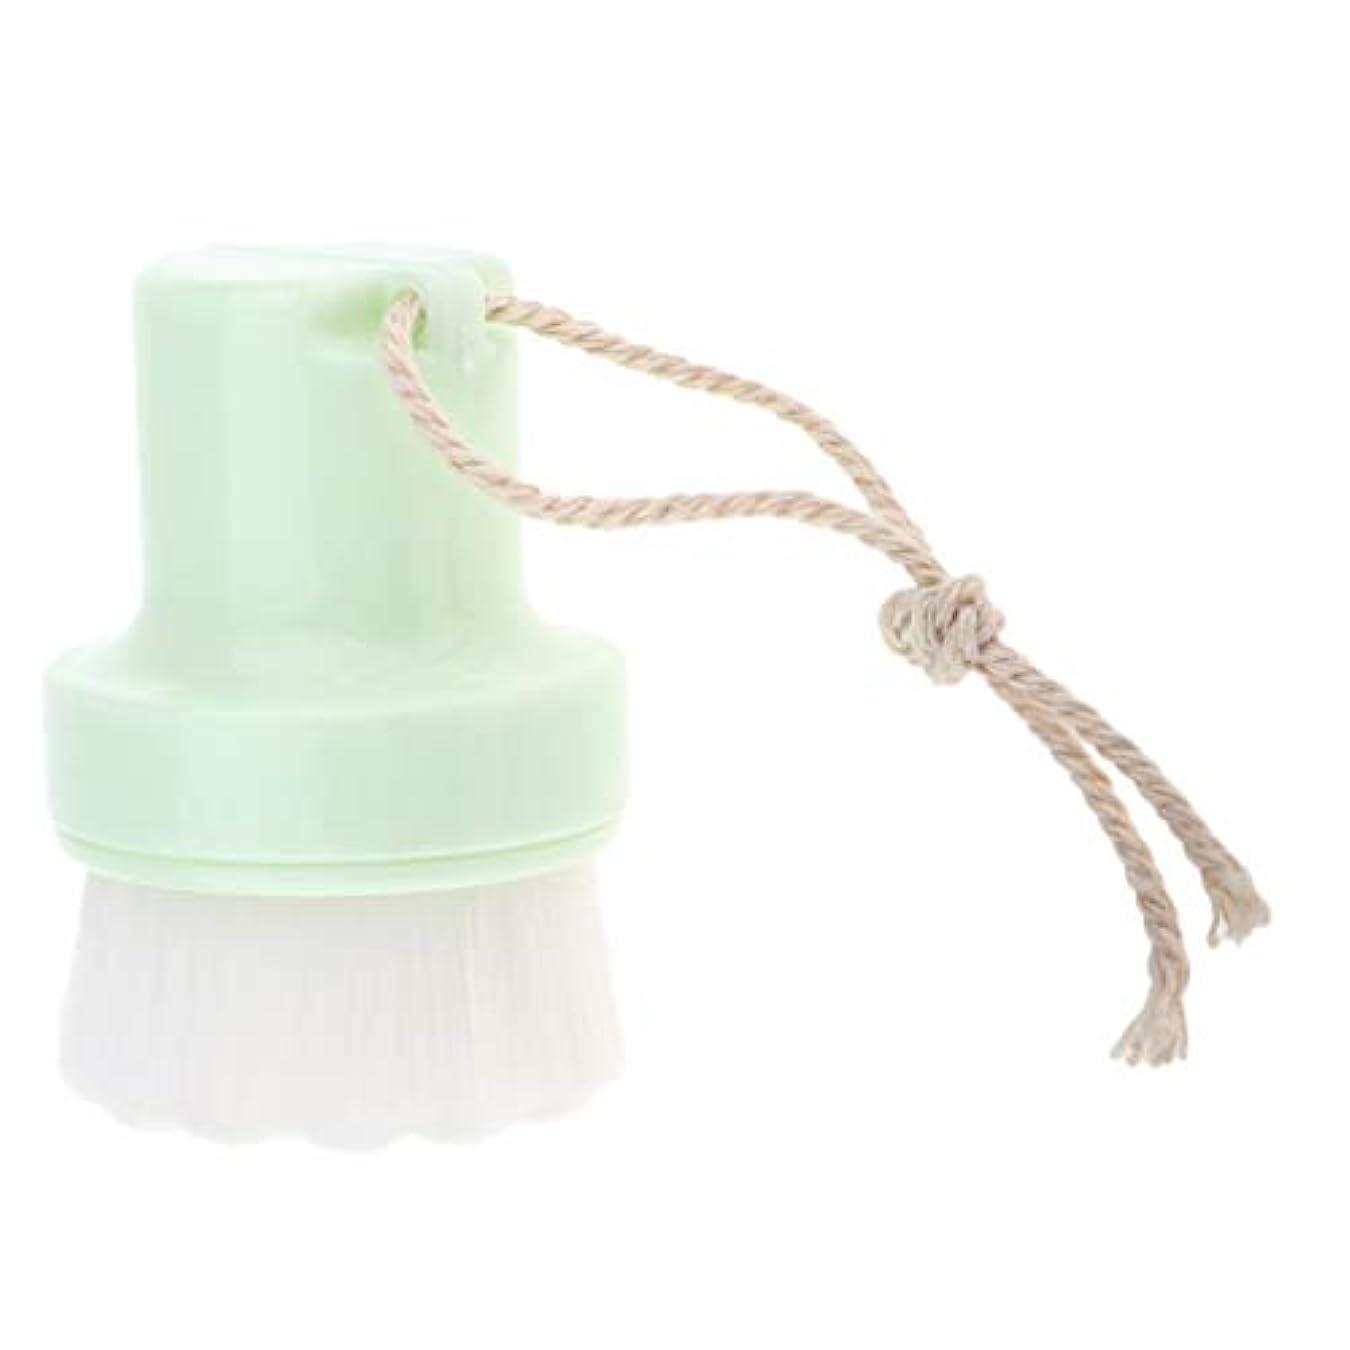 サバント肺炎マガジンPerfeclan 洗顔ブラシ ボディケア 毛穴ブラシ ソフト フェイスブラシ 洗顔道具 携帯便利 全2色 - グリーン